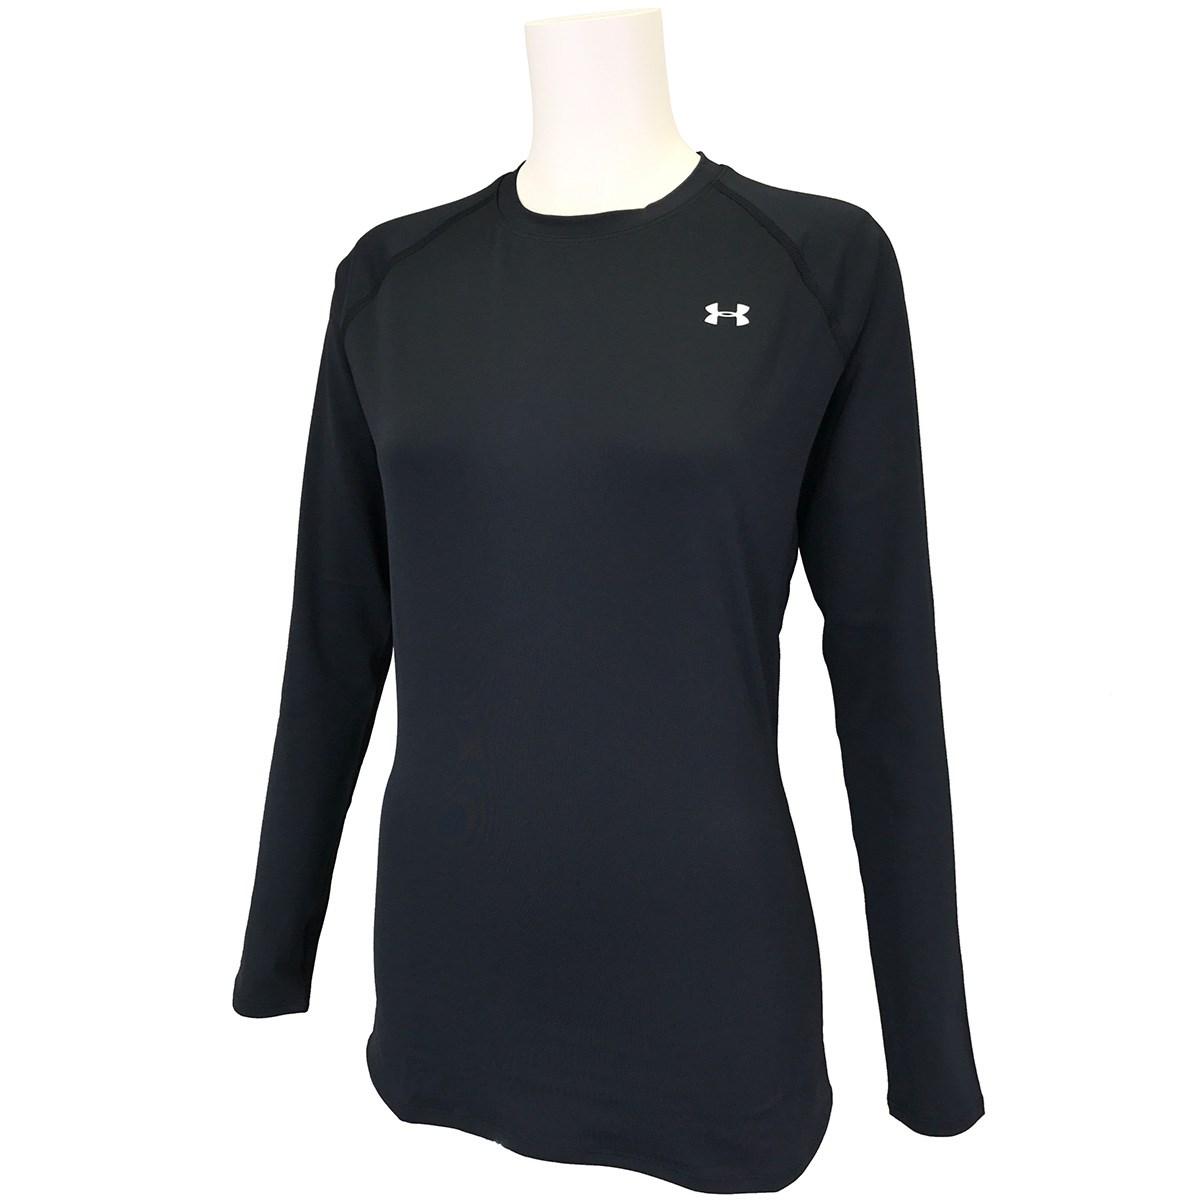 [2020年秋冬モデル] アンダーアーマー UNDER ARMOUR UA HGコンプレッション 長袖クルーネックアンダーシャツ Black レディース ゴルフウェア